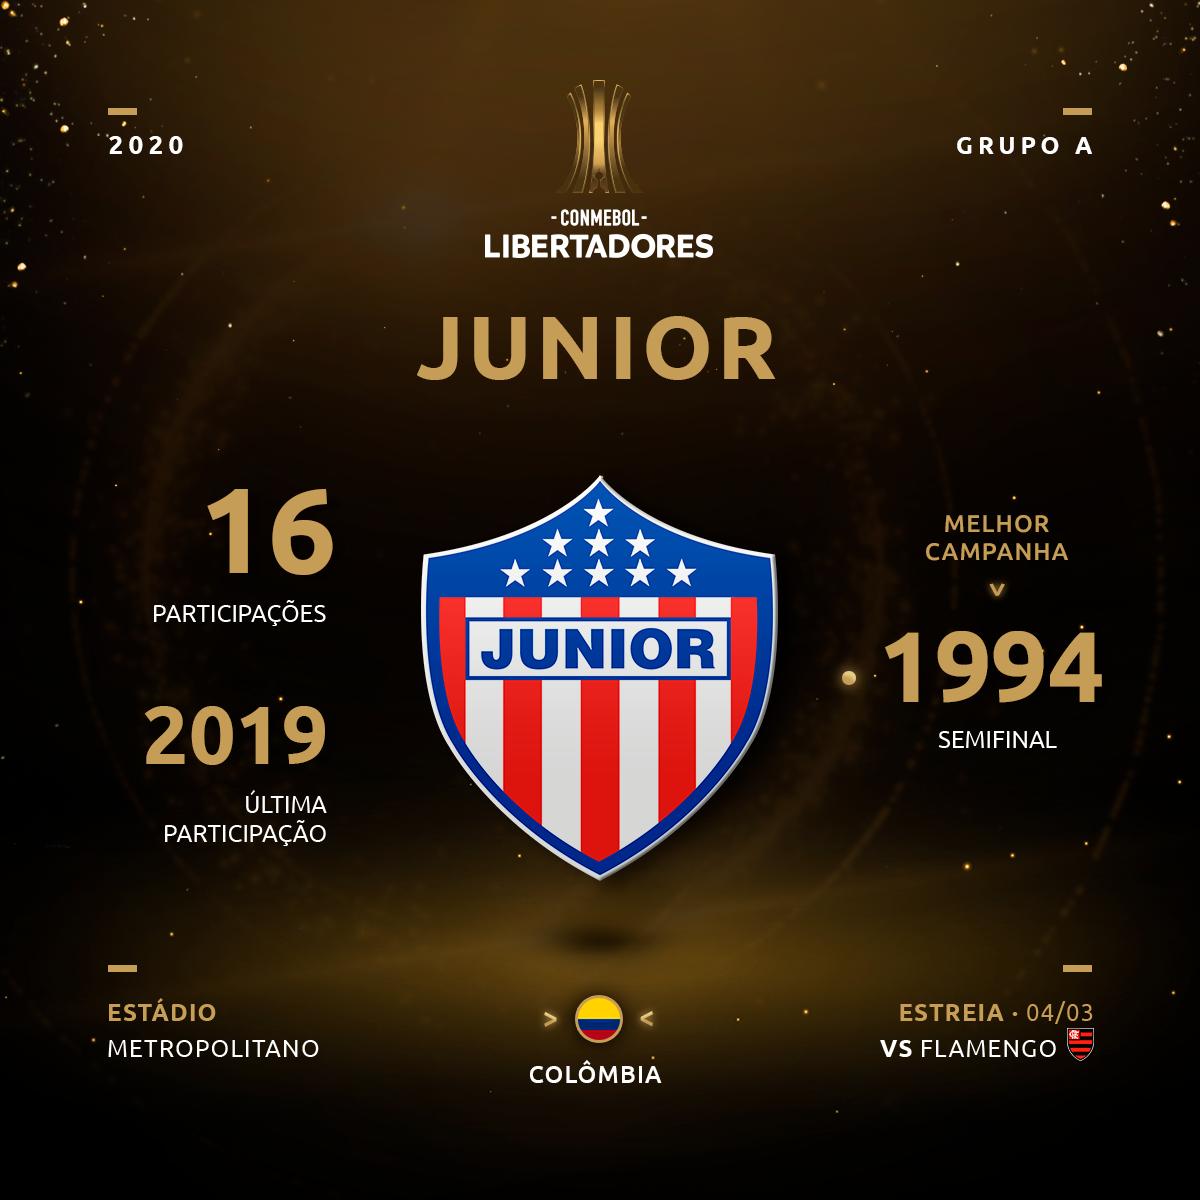 Junior Histórico Libertadores